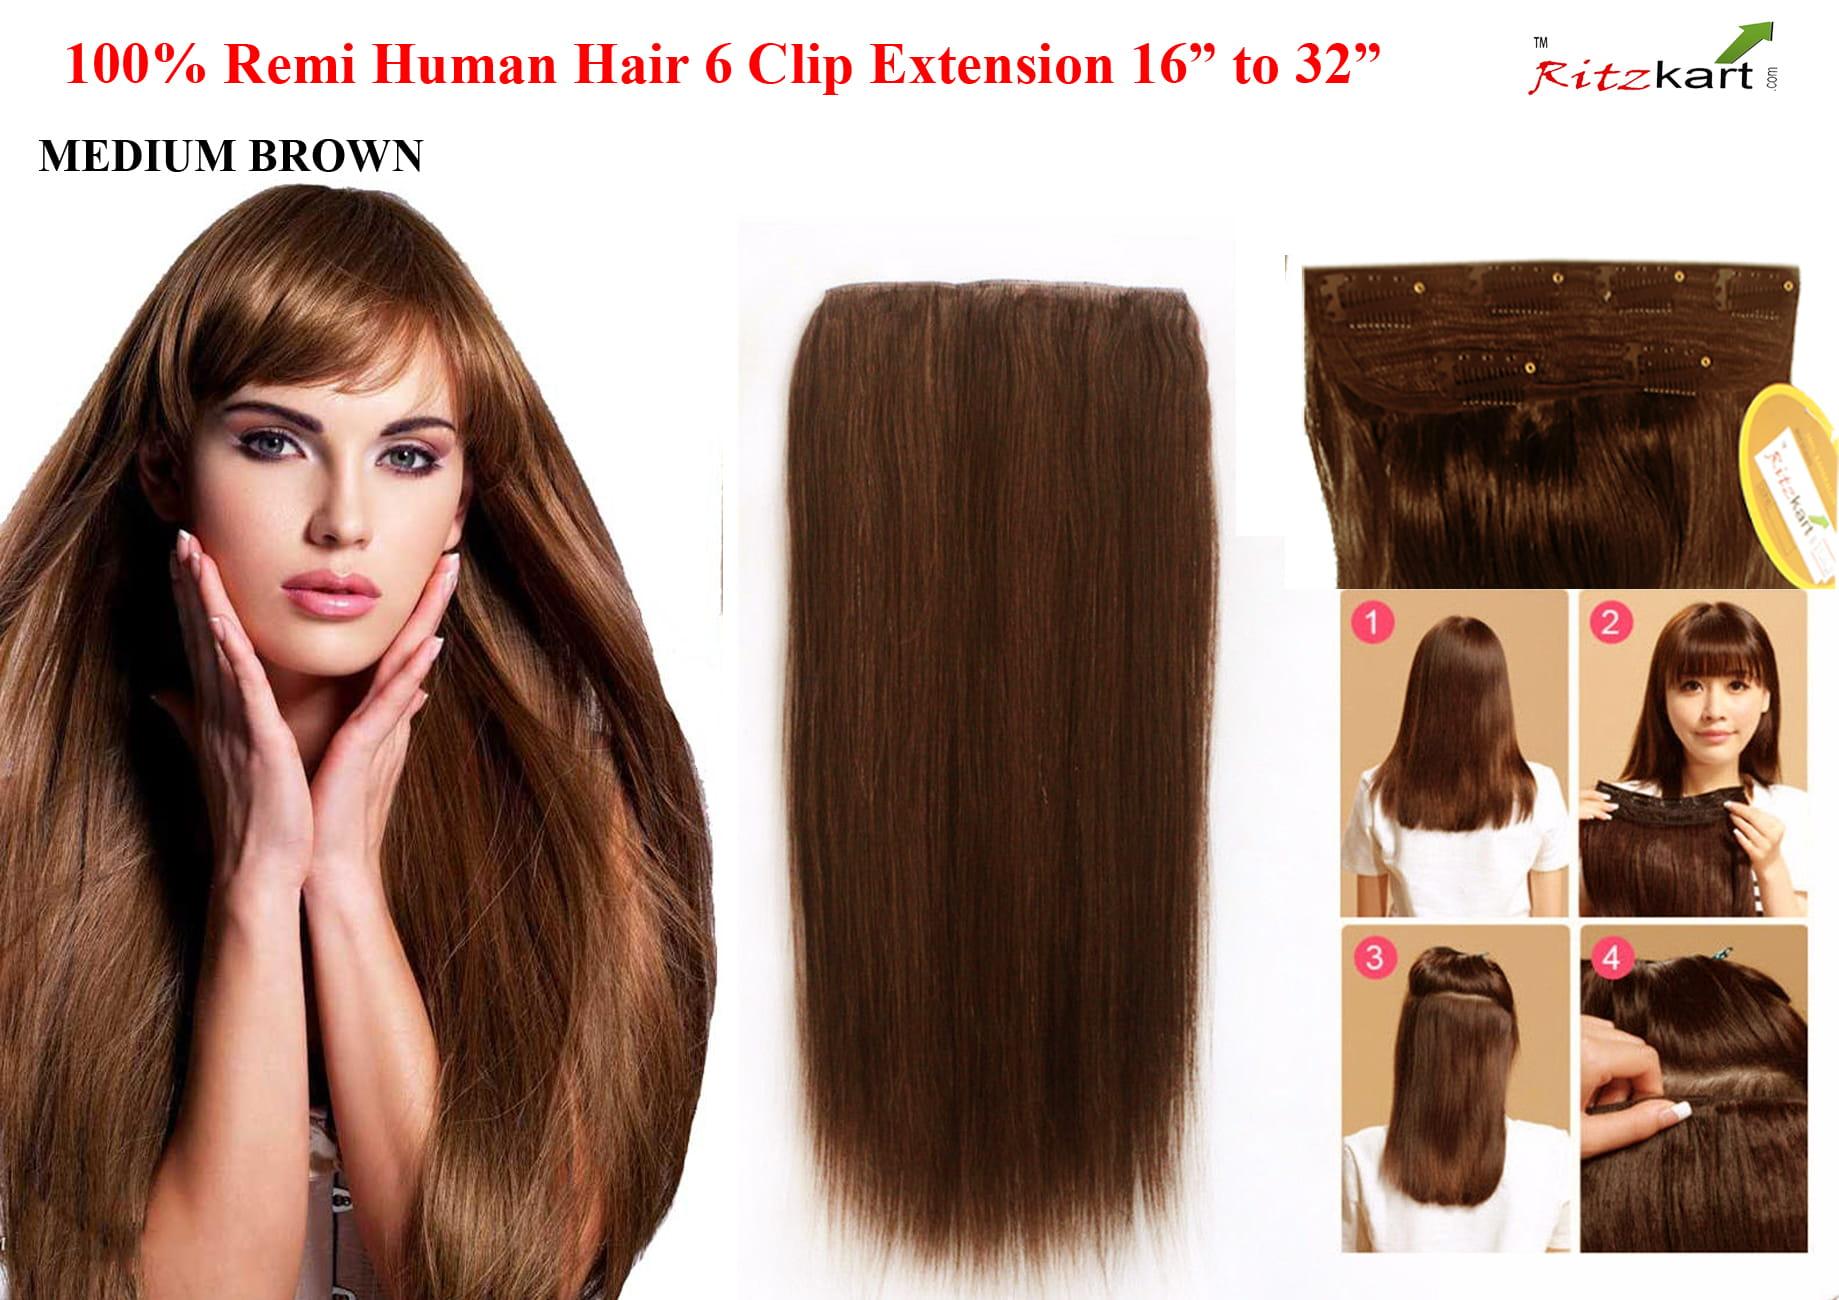 Ritzkart 6 Clip 30 Inch Medium Brown Remi Human Soft Hair